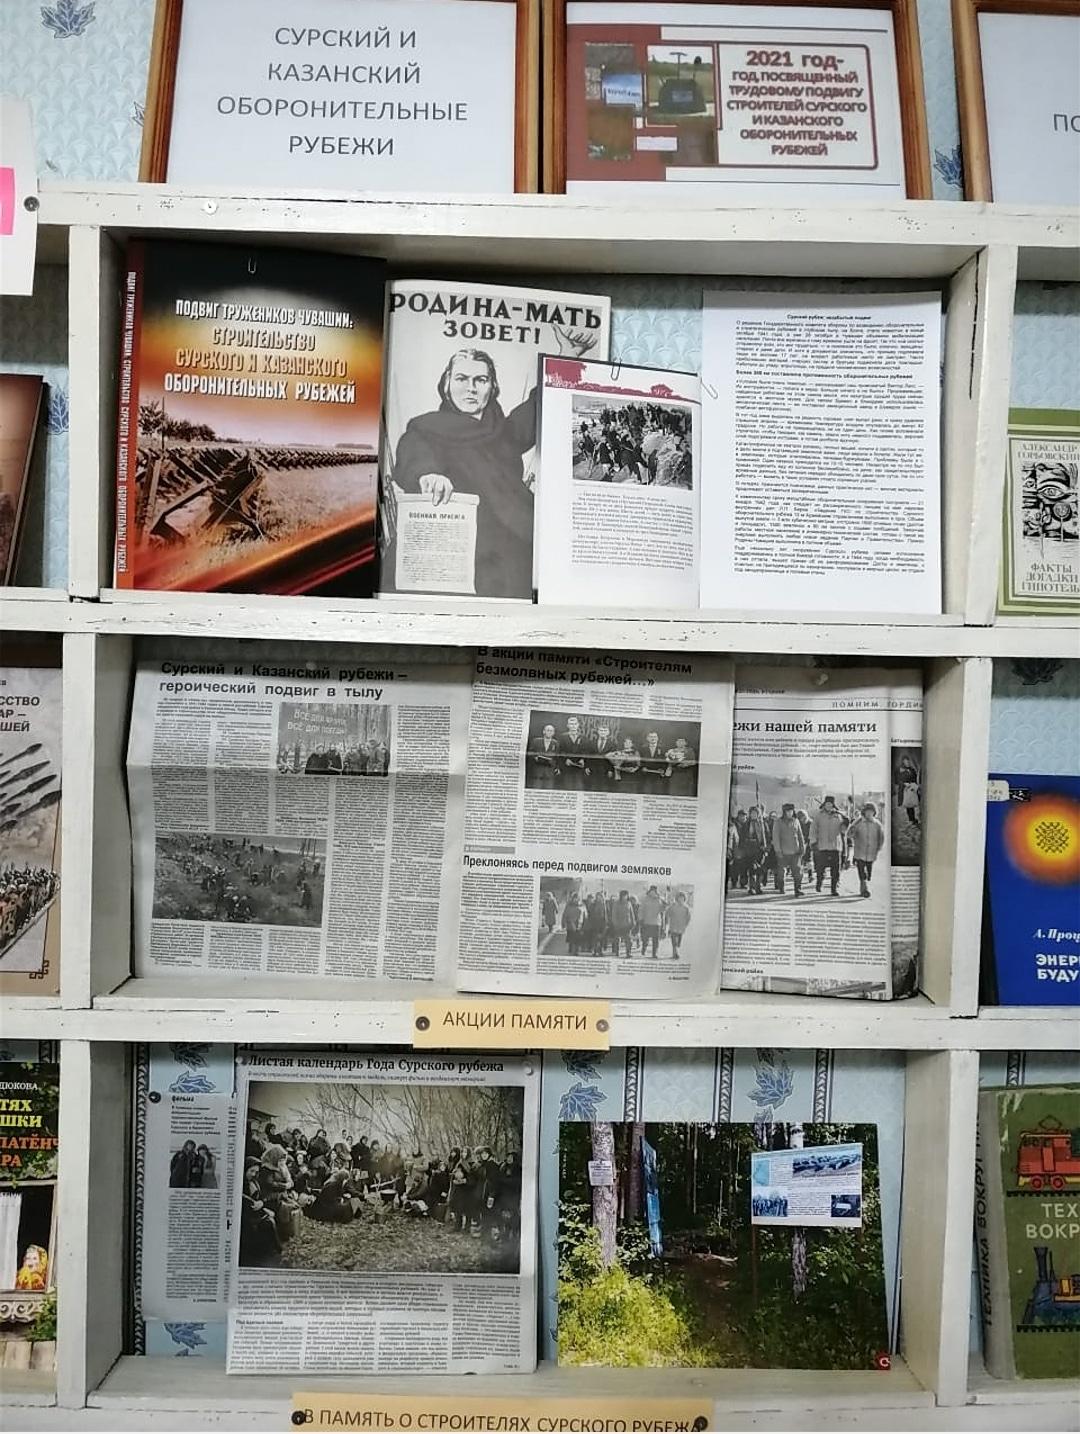 Тематическая выставка «Сурский и Казанский оборонительные рубежи»